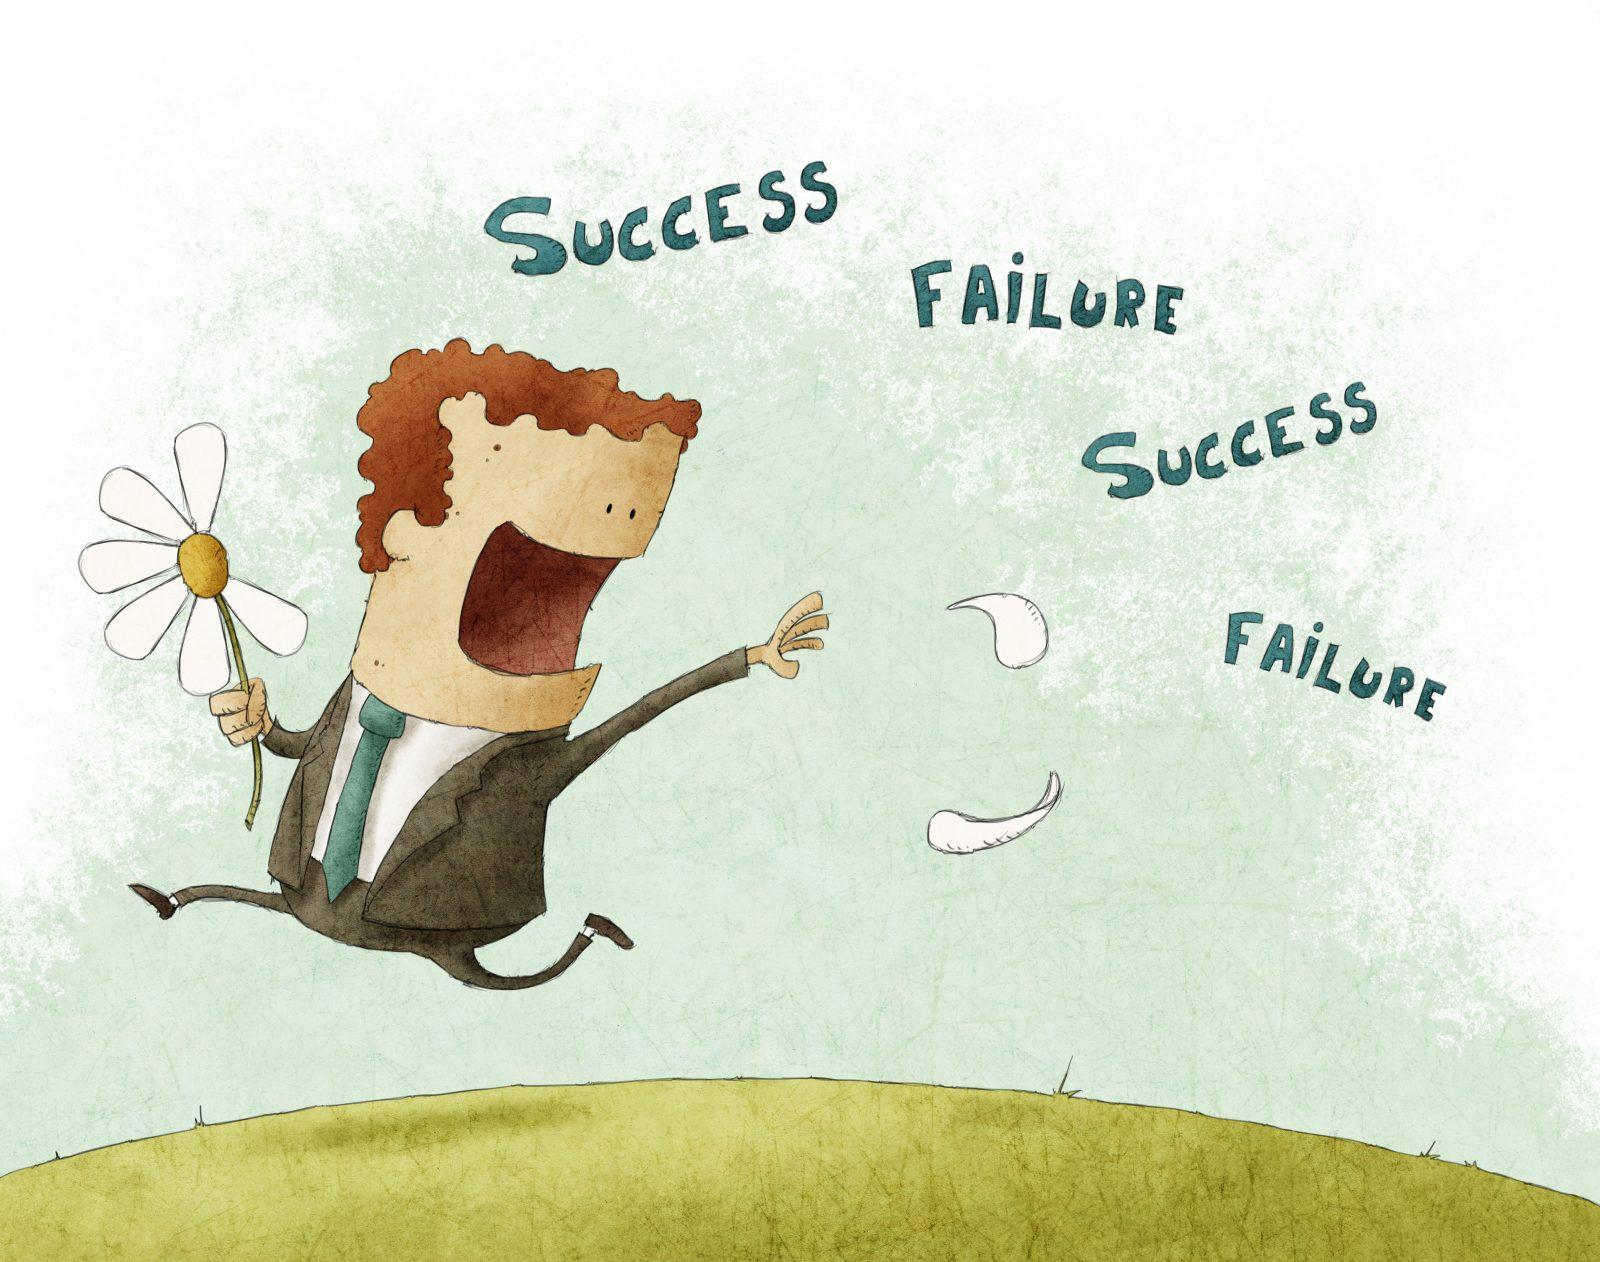 Erfolgreiche Unternehmer packen aus: